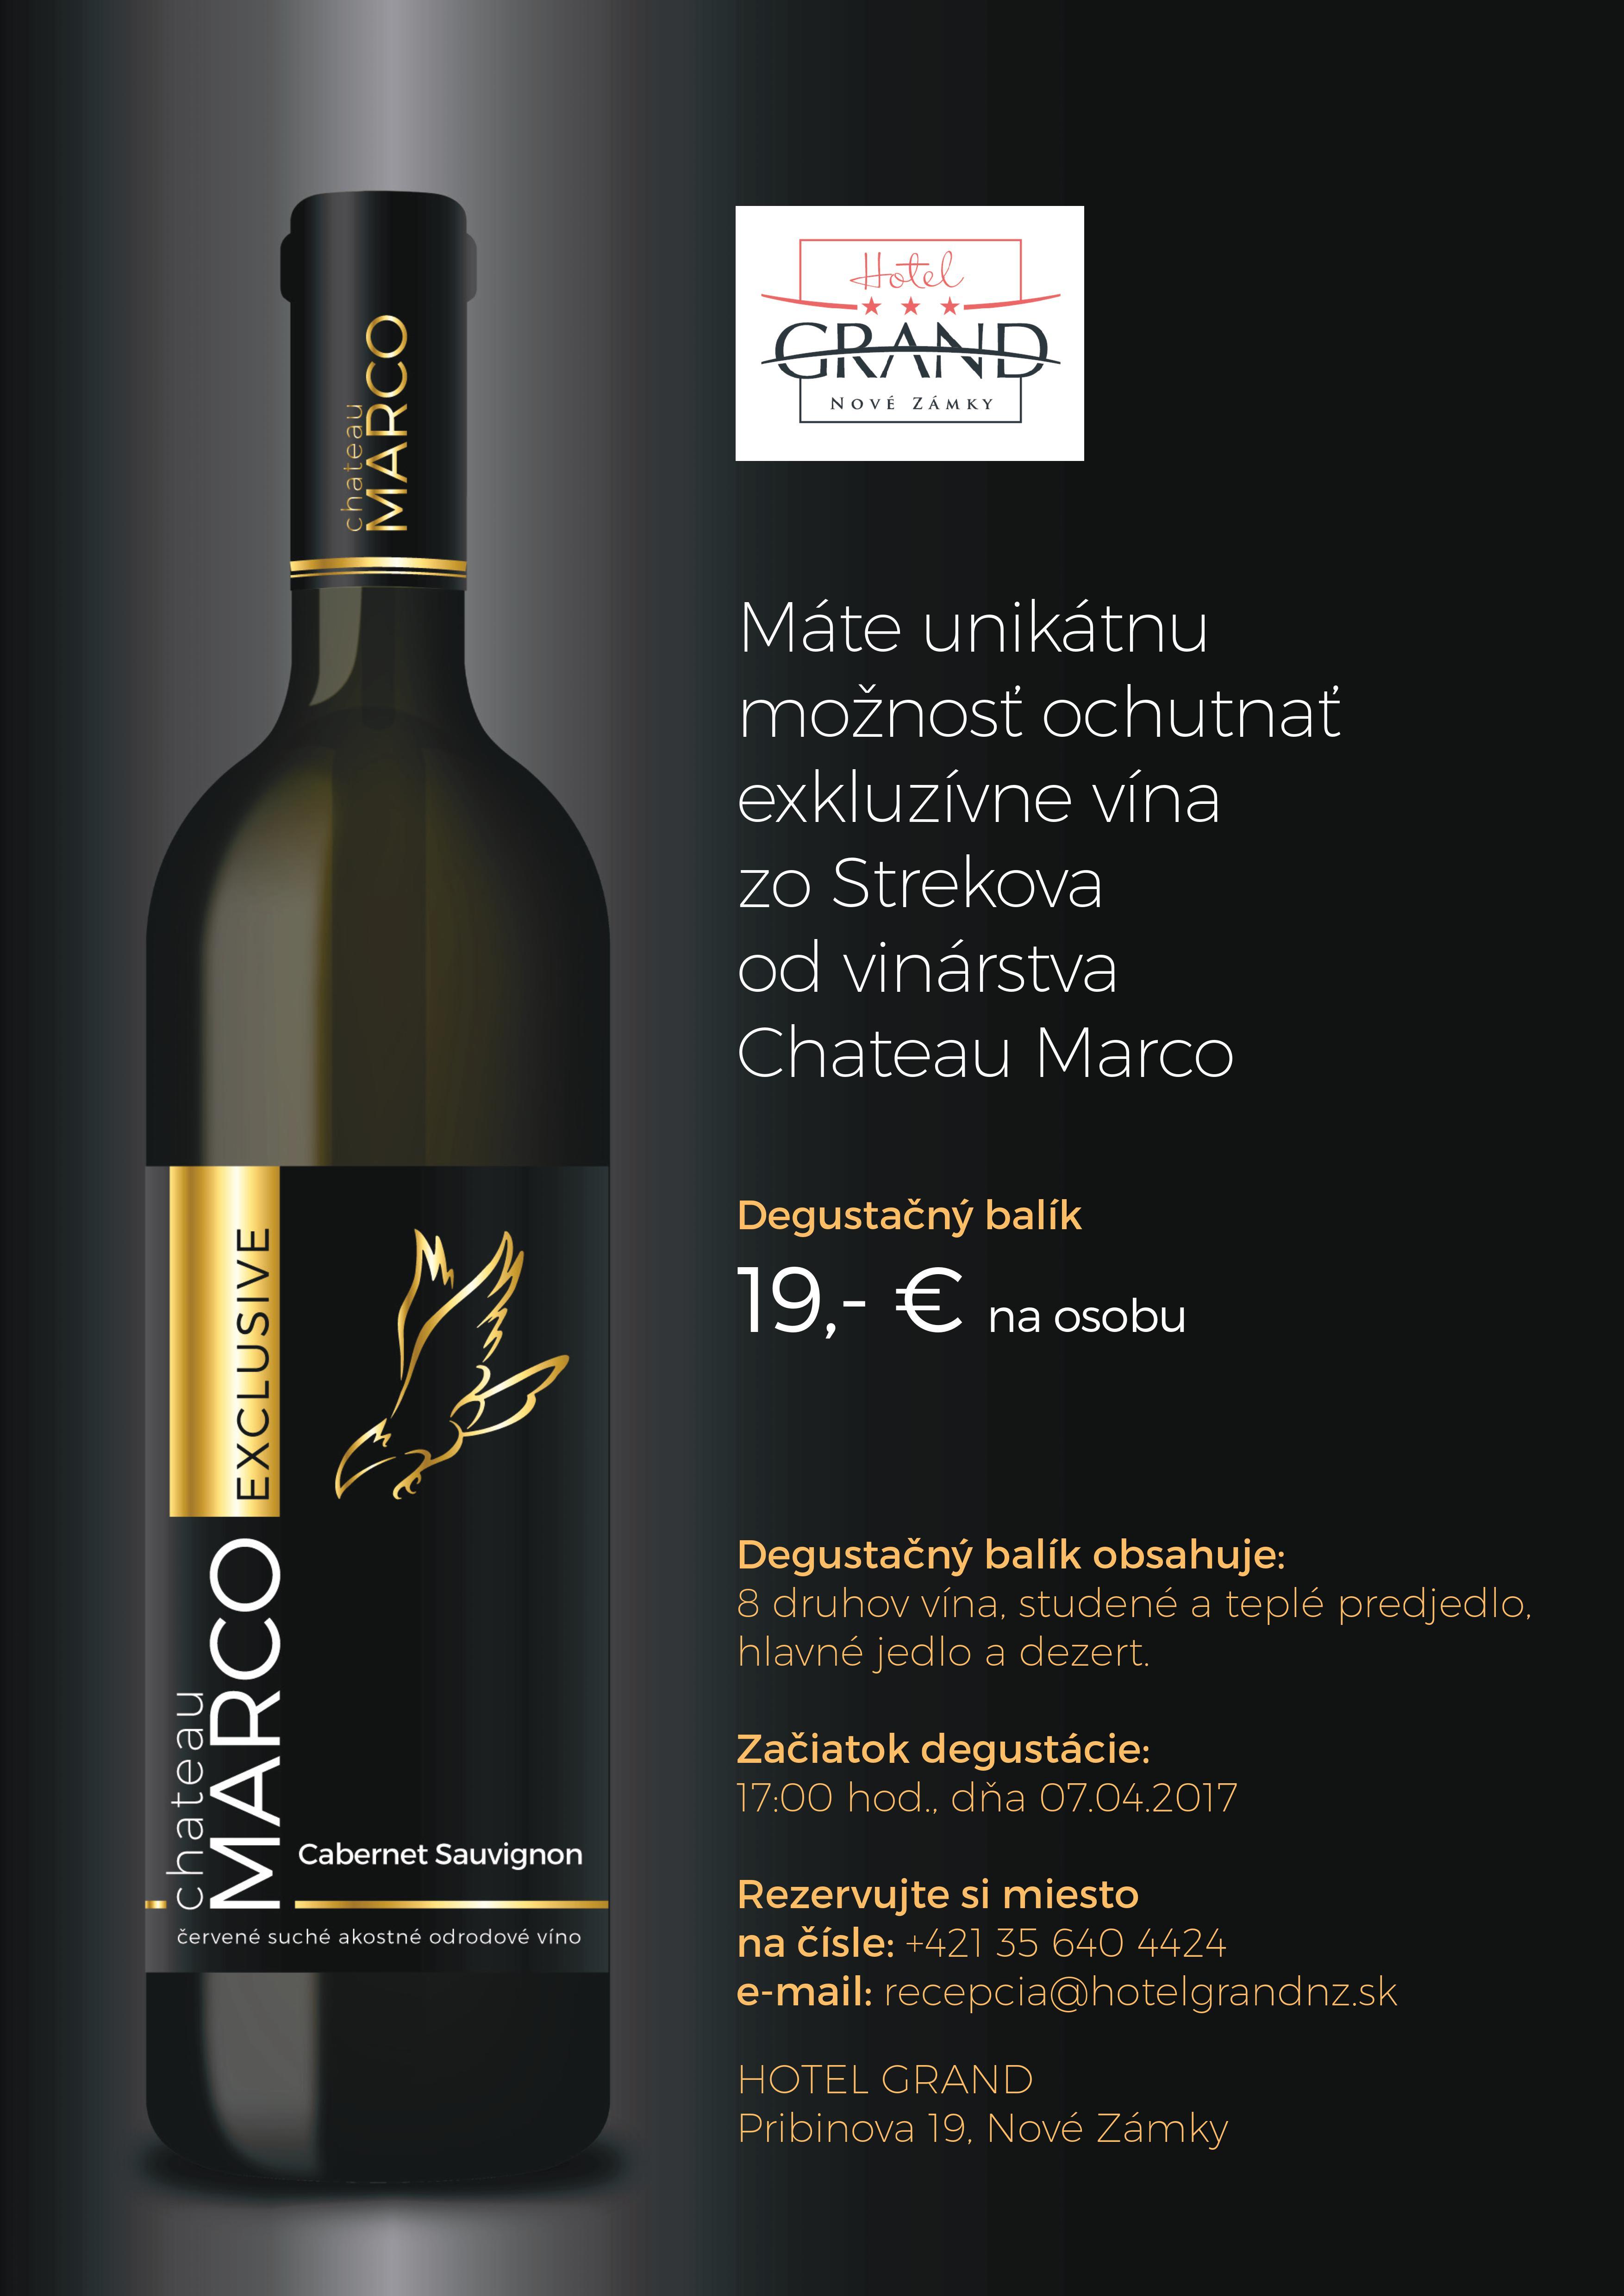 Vínny večer rodinného vinárstva Chateau Marco